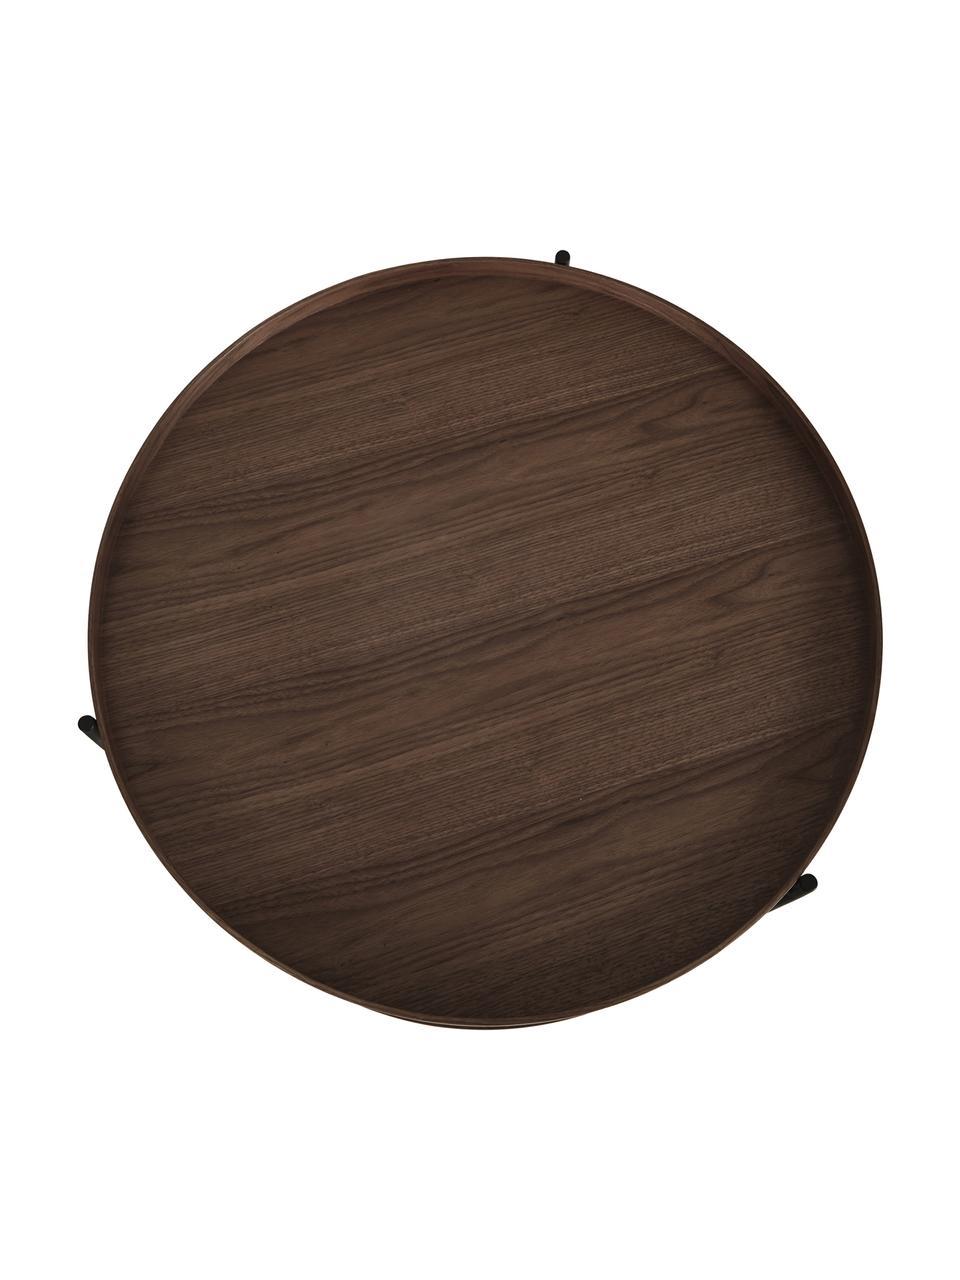 Holz-Couchtisch Renee mit Walnussholzfurnier, Gestell: Metall, pulverbeschichtet, Walnussholz, Ø 69 x H 39 cm